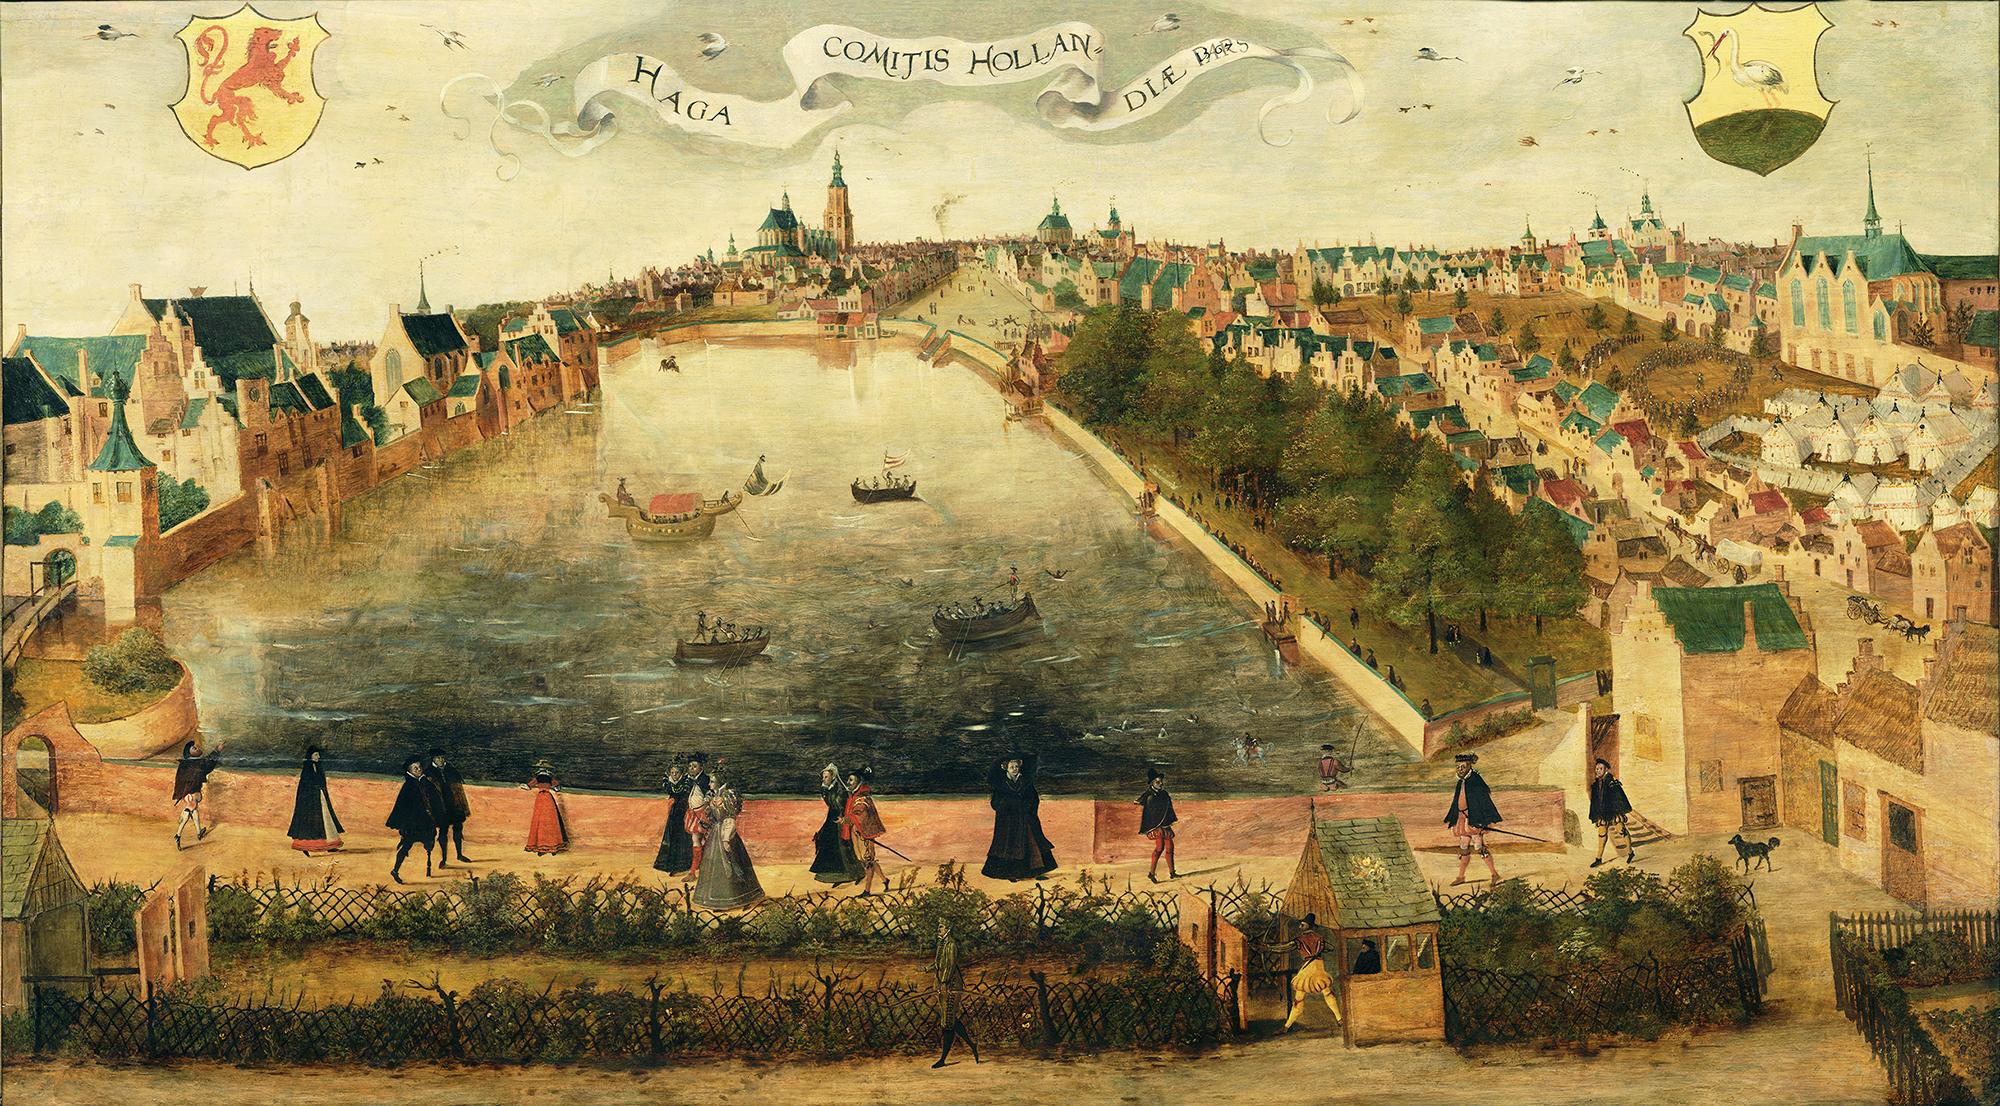 File:1567, Den Haag, De Hofvijver Gezien vanaf de Doelen.png